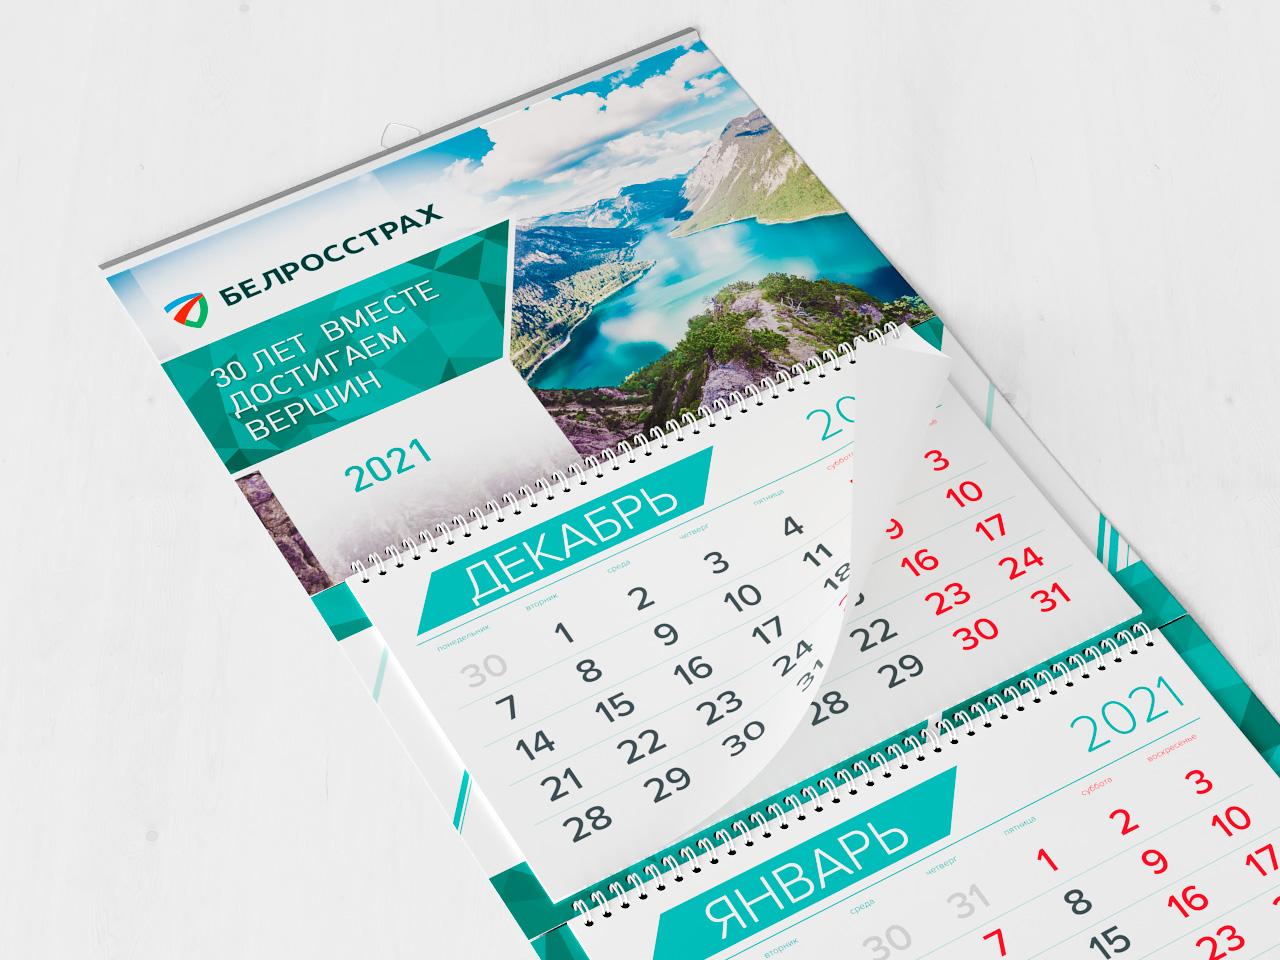 Белросстрах - календарь квартальный 2021 «30 лет достигаем вершин»